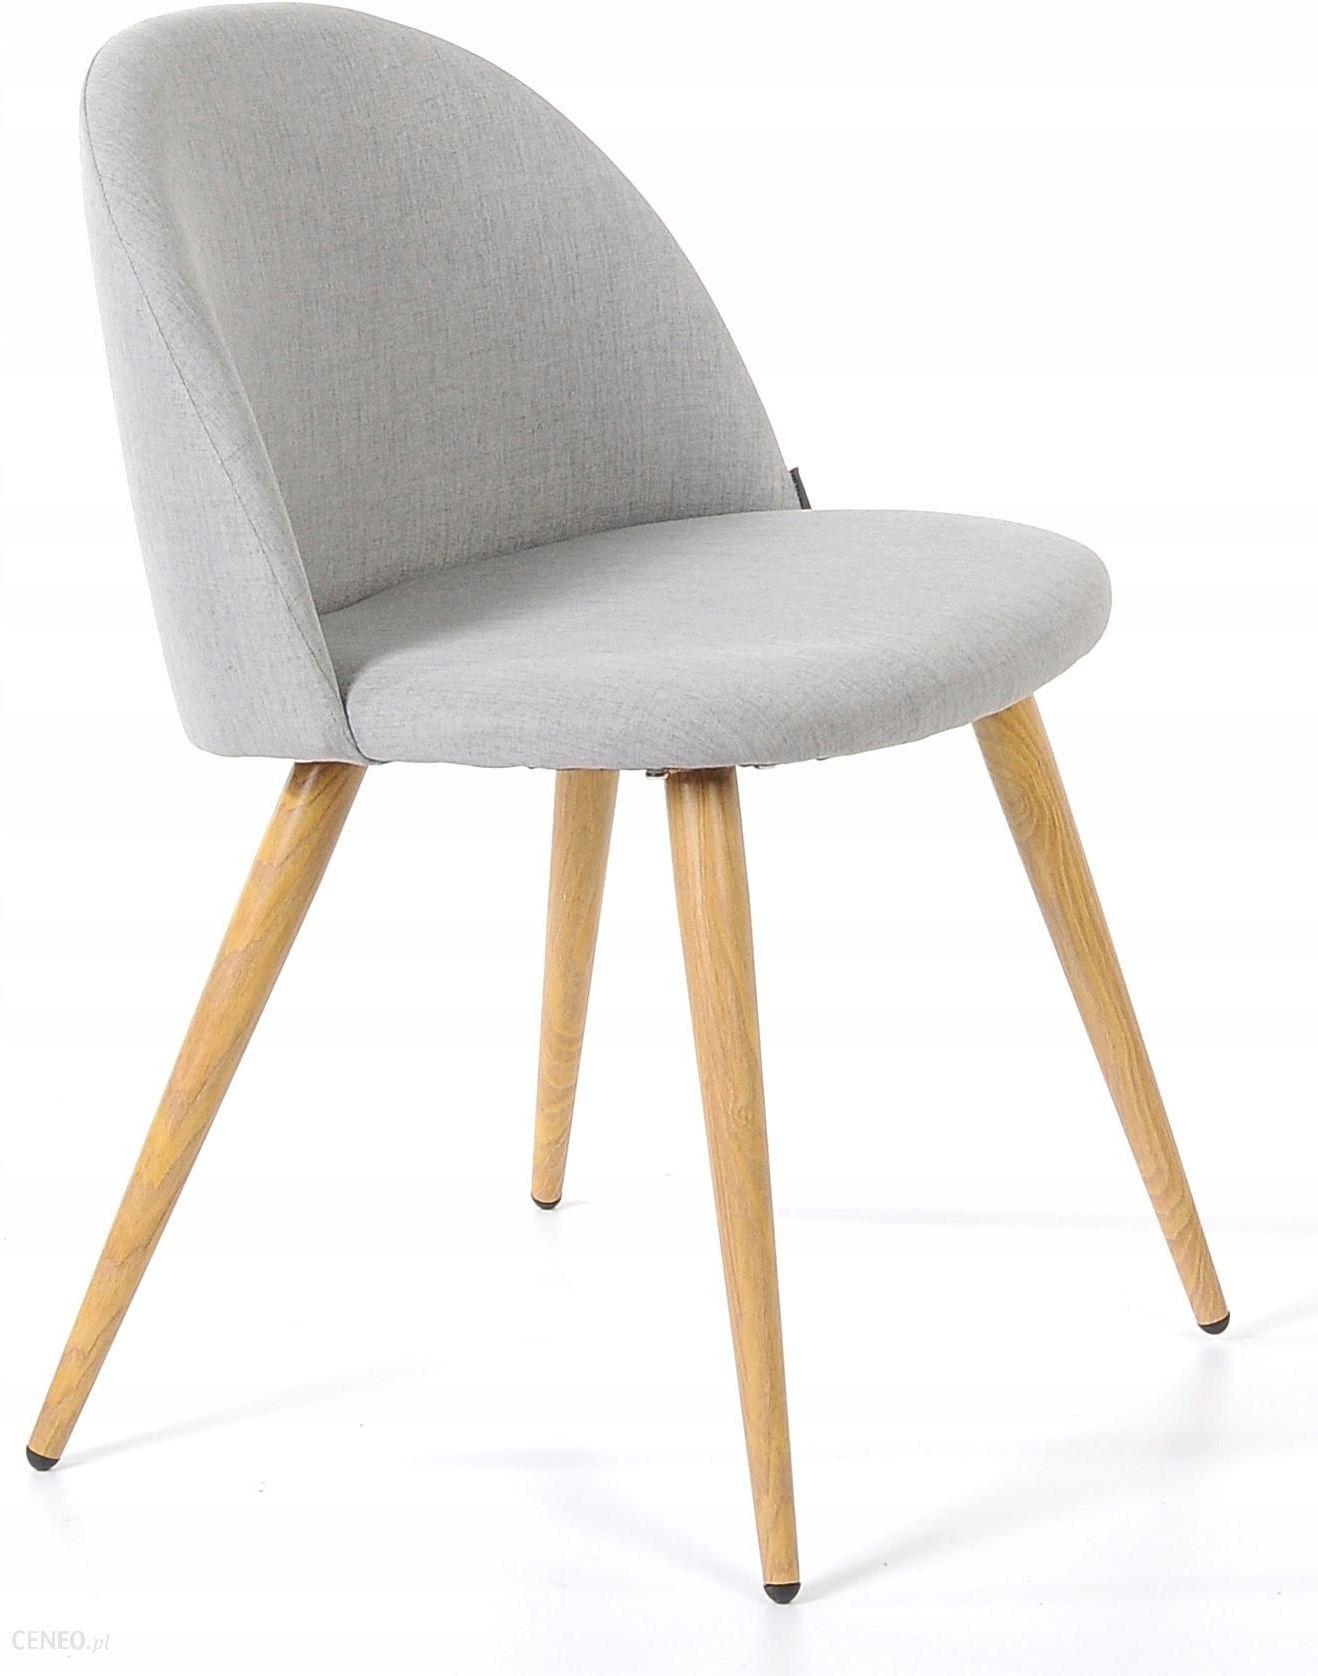 Wygodne I Stylowe Krzesło Juan Do Salonu Vinotti Opinie I Atrakcyjne Ceny Na Ceneopl